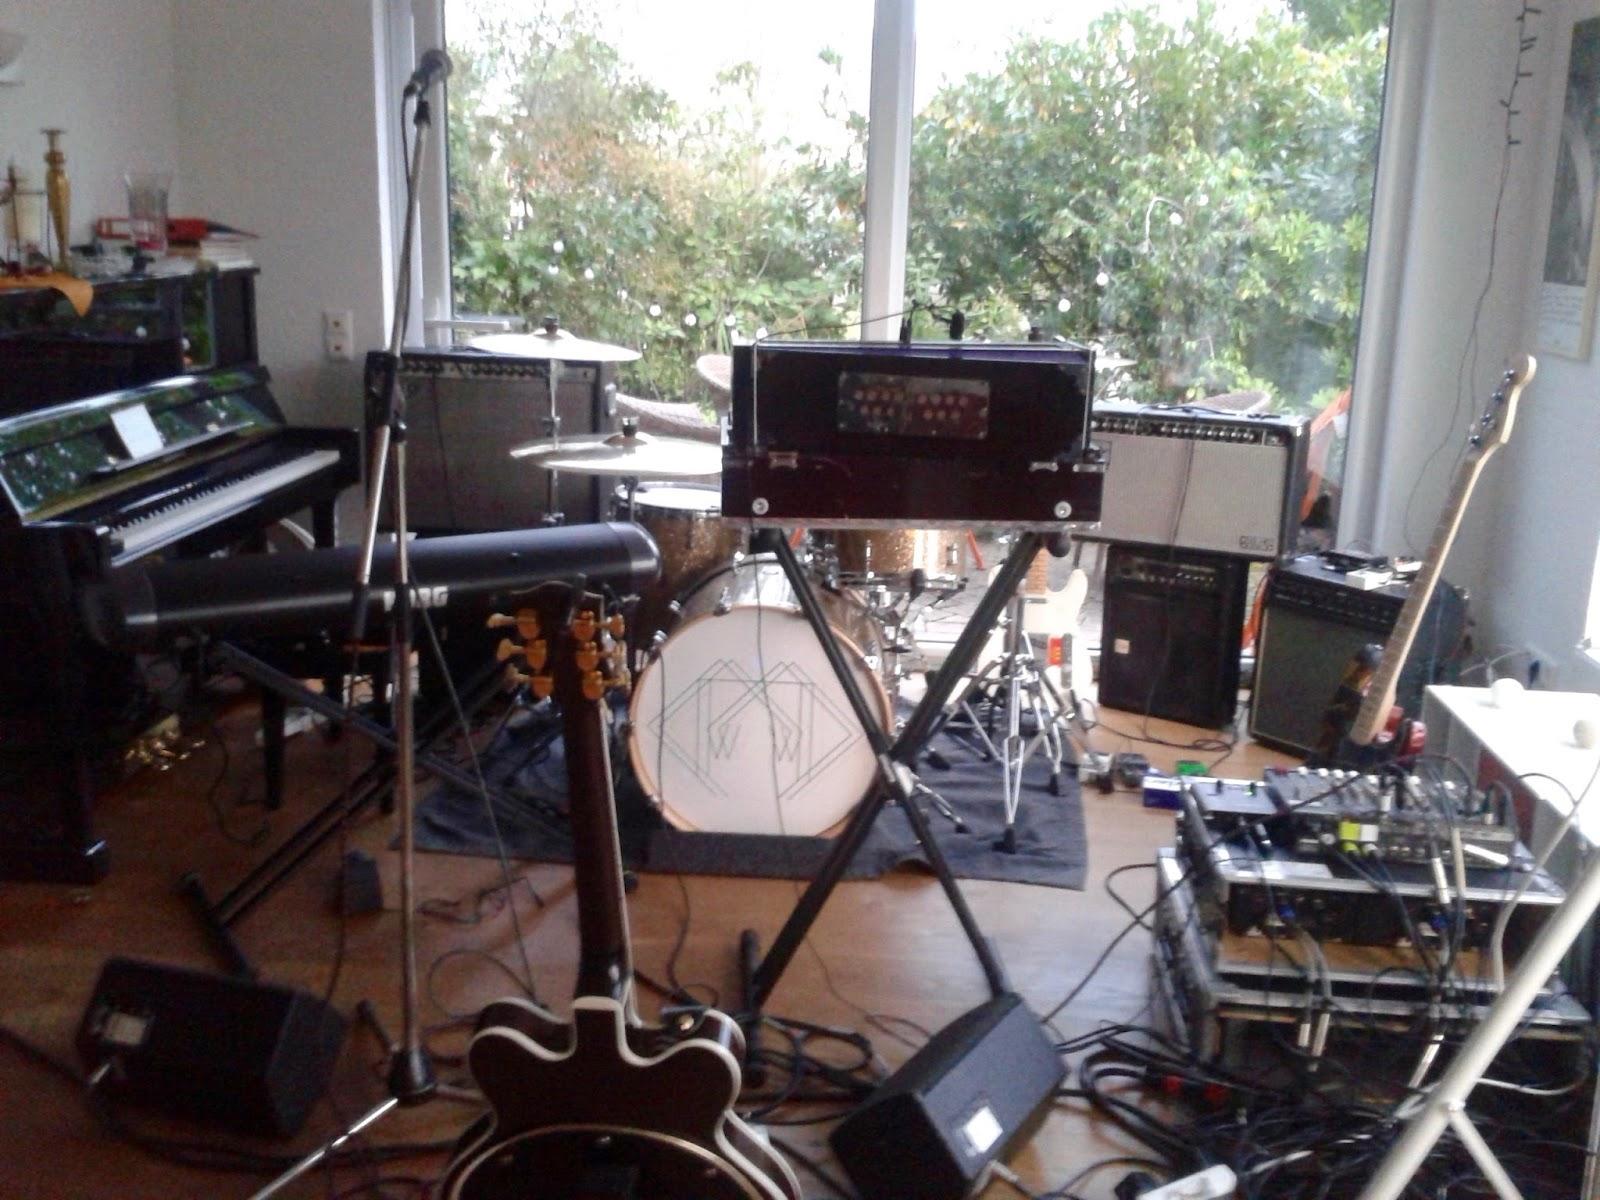 Als Ich In Feuerbach Ankam Fand Das Halbe Wohnzimmer Schon Belegt Mit Den Utensilien Der Band Ein Mittleres Drumset Eine Korg Orgel Indisches